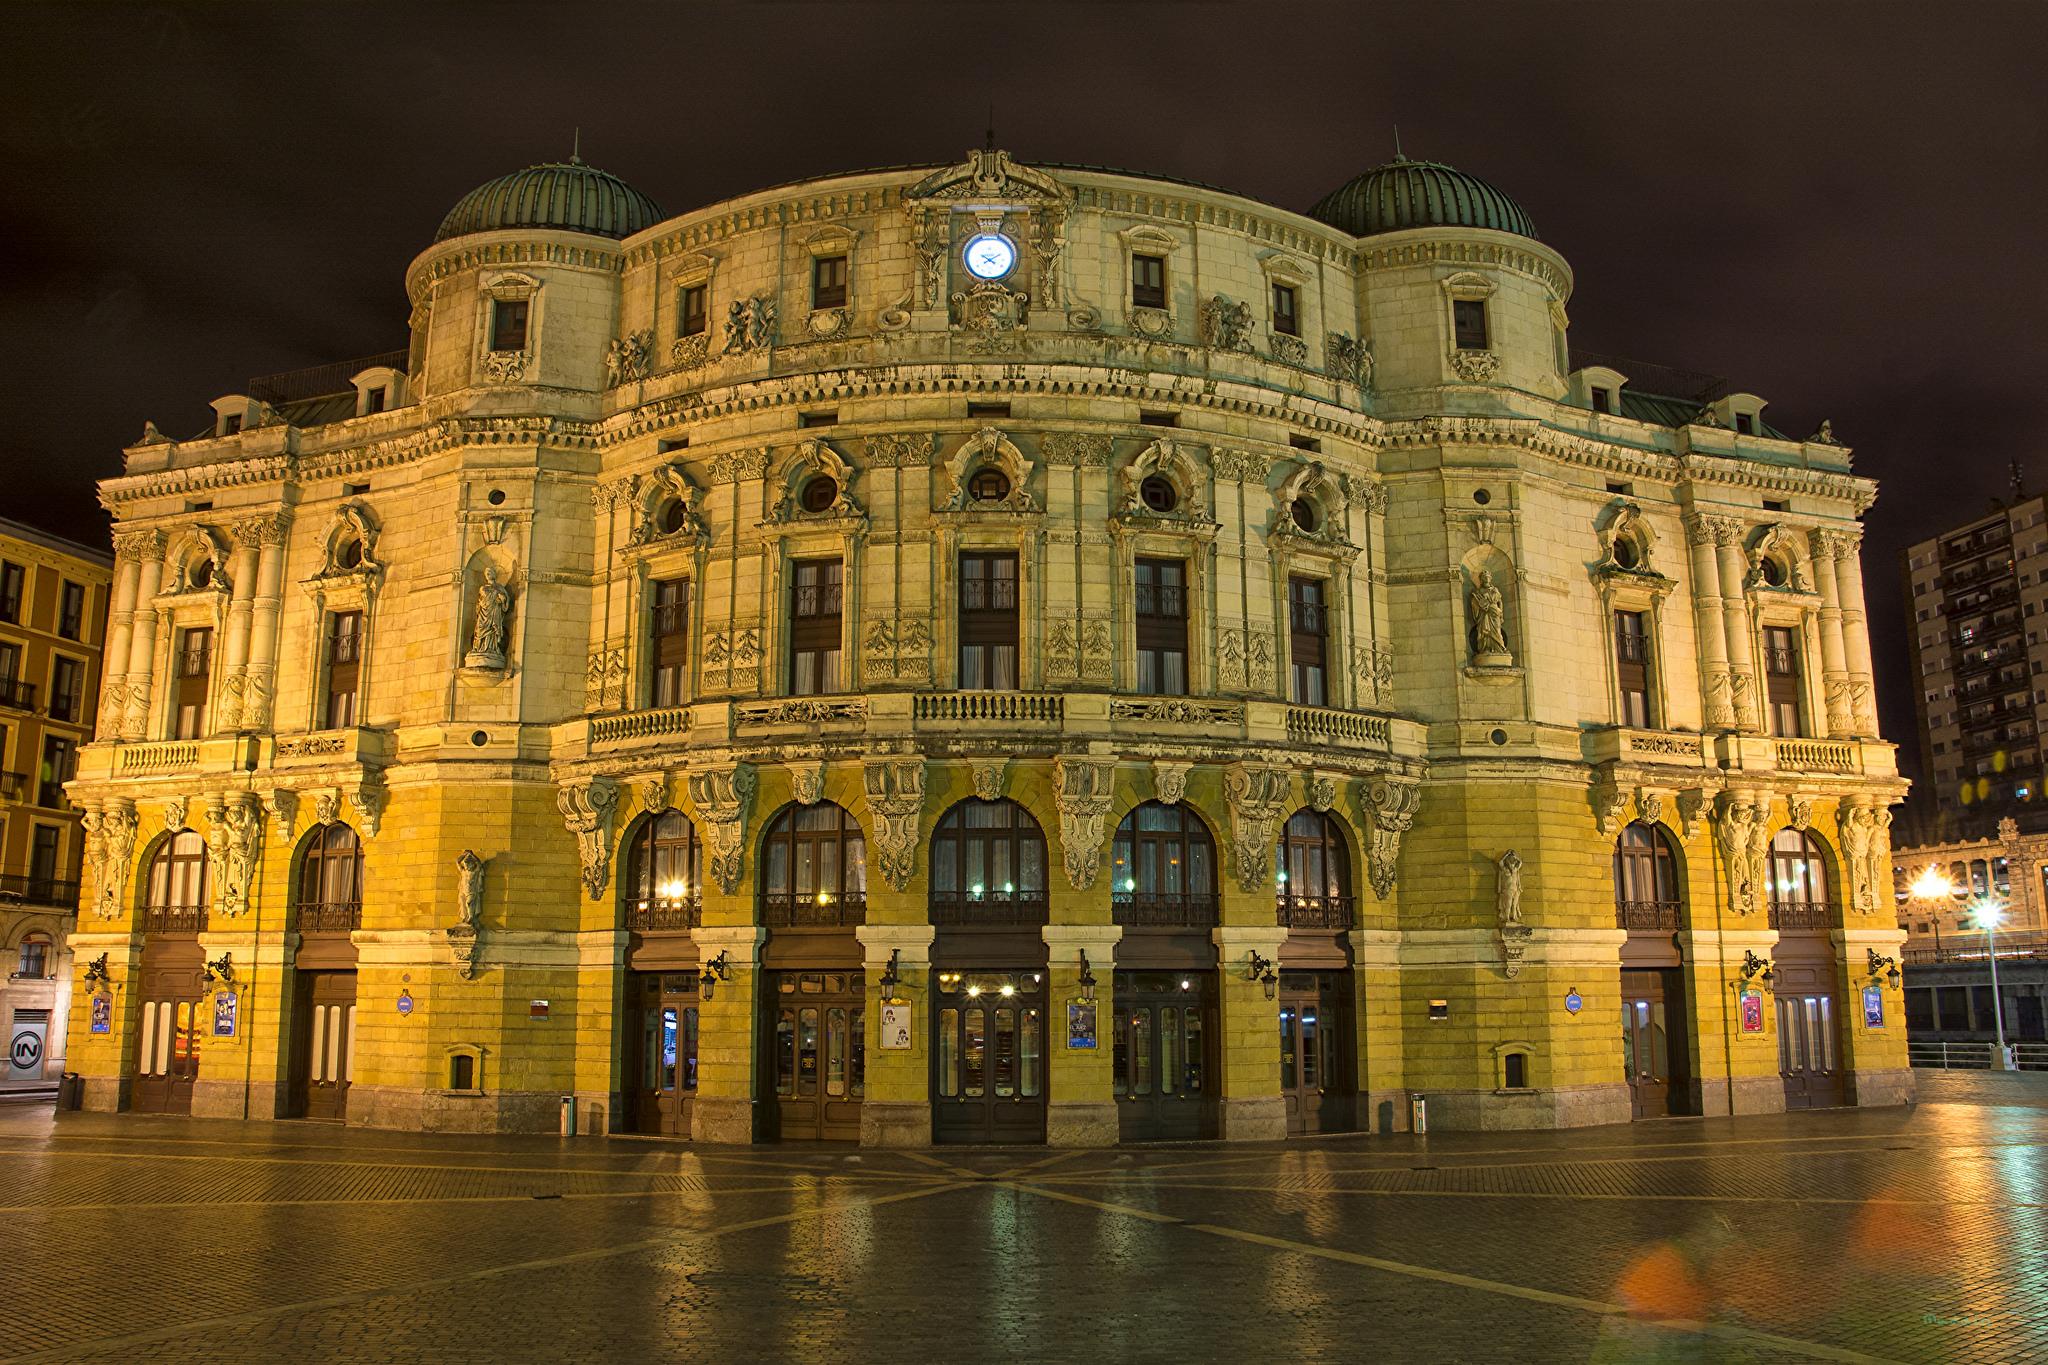 Cosa vedere a Bilbao: Teatro Arriaga Bilbao - Foto haymartxo